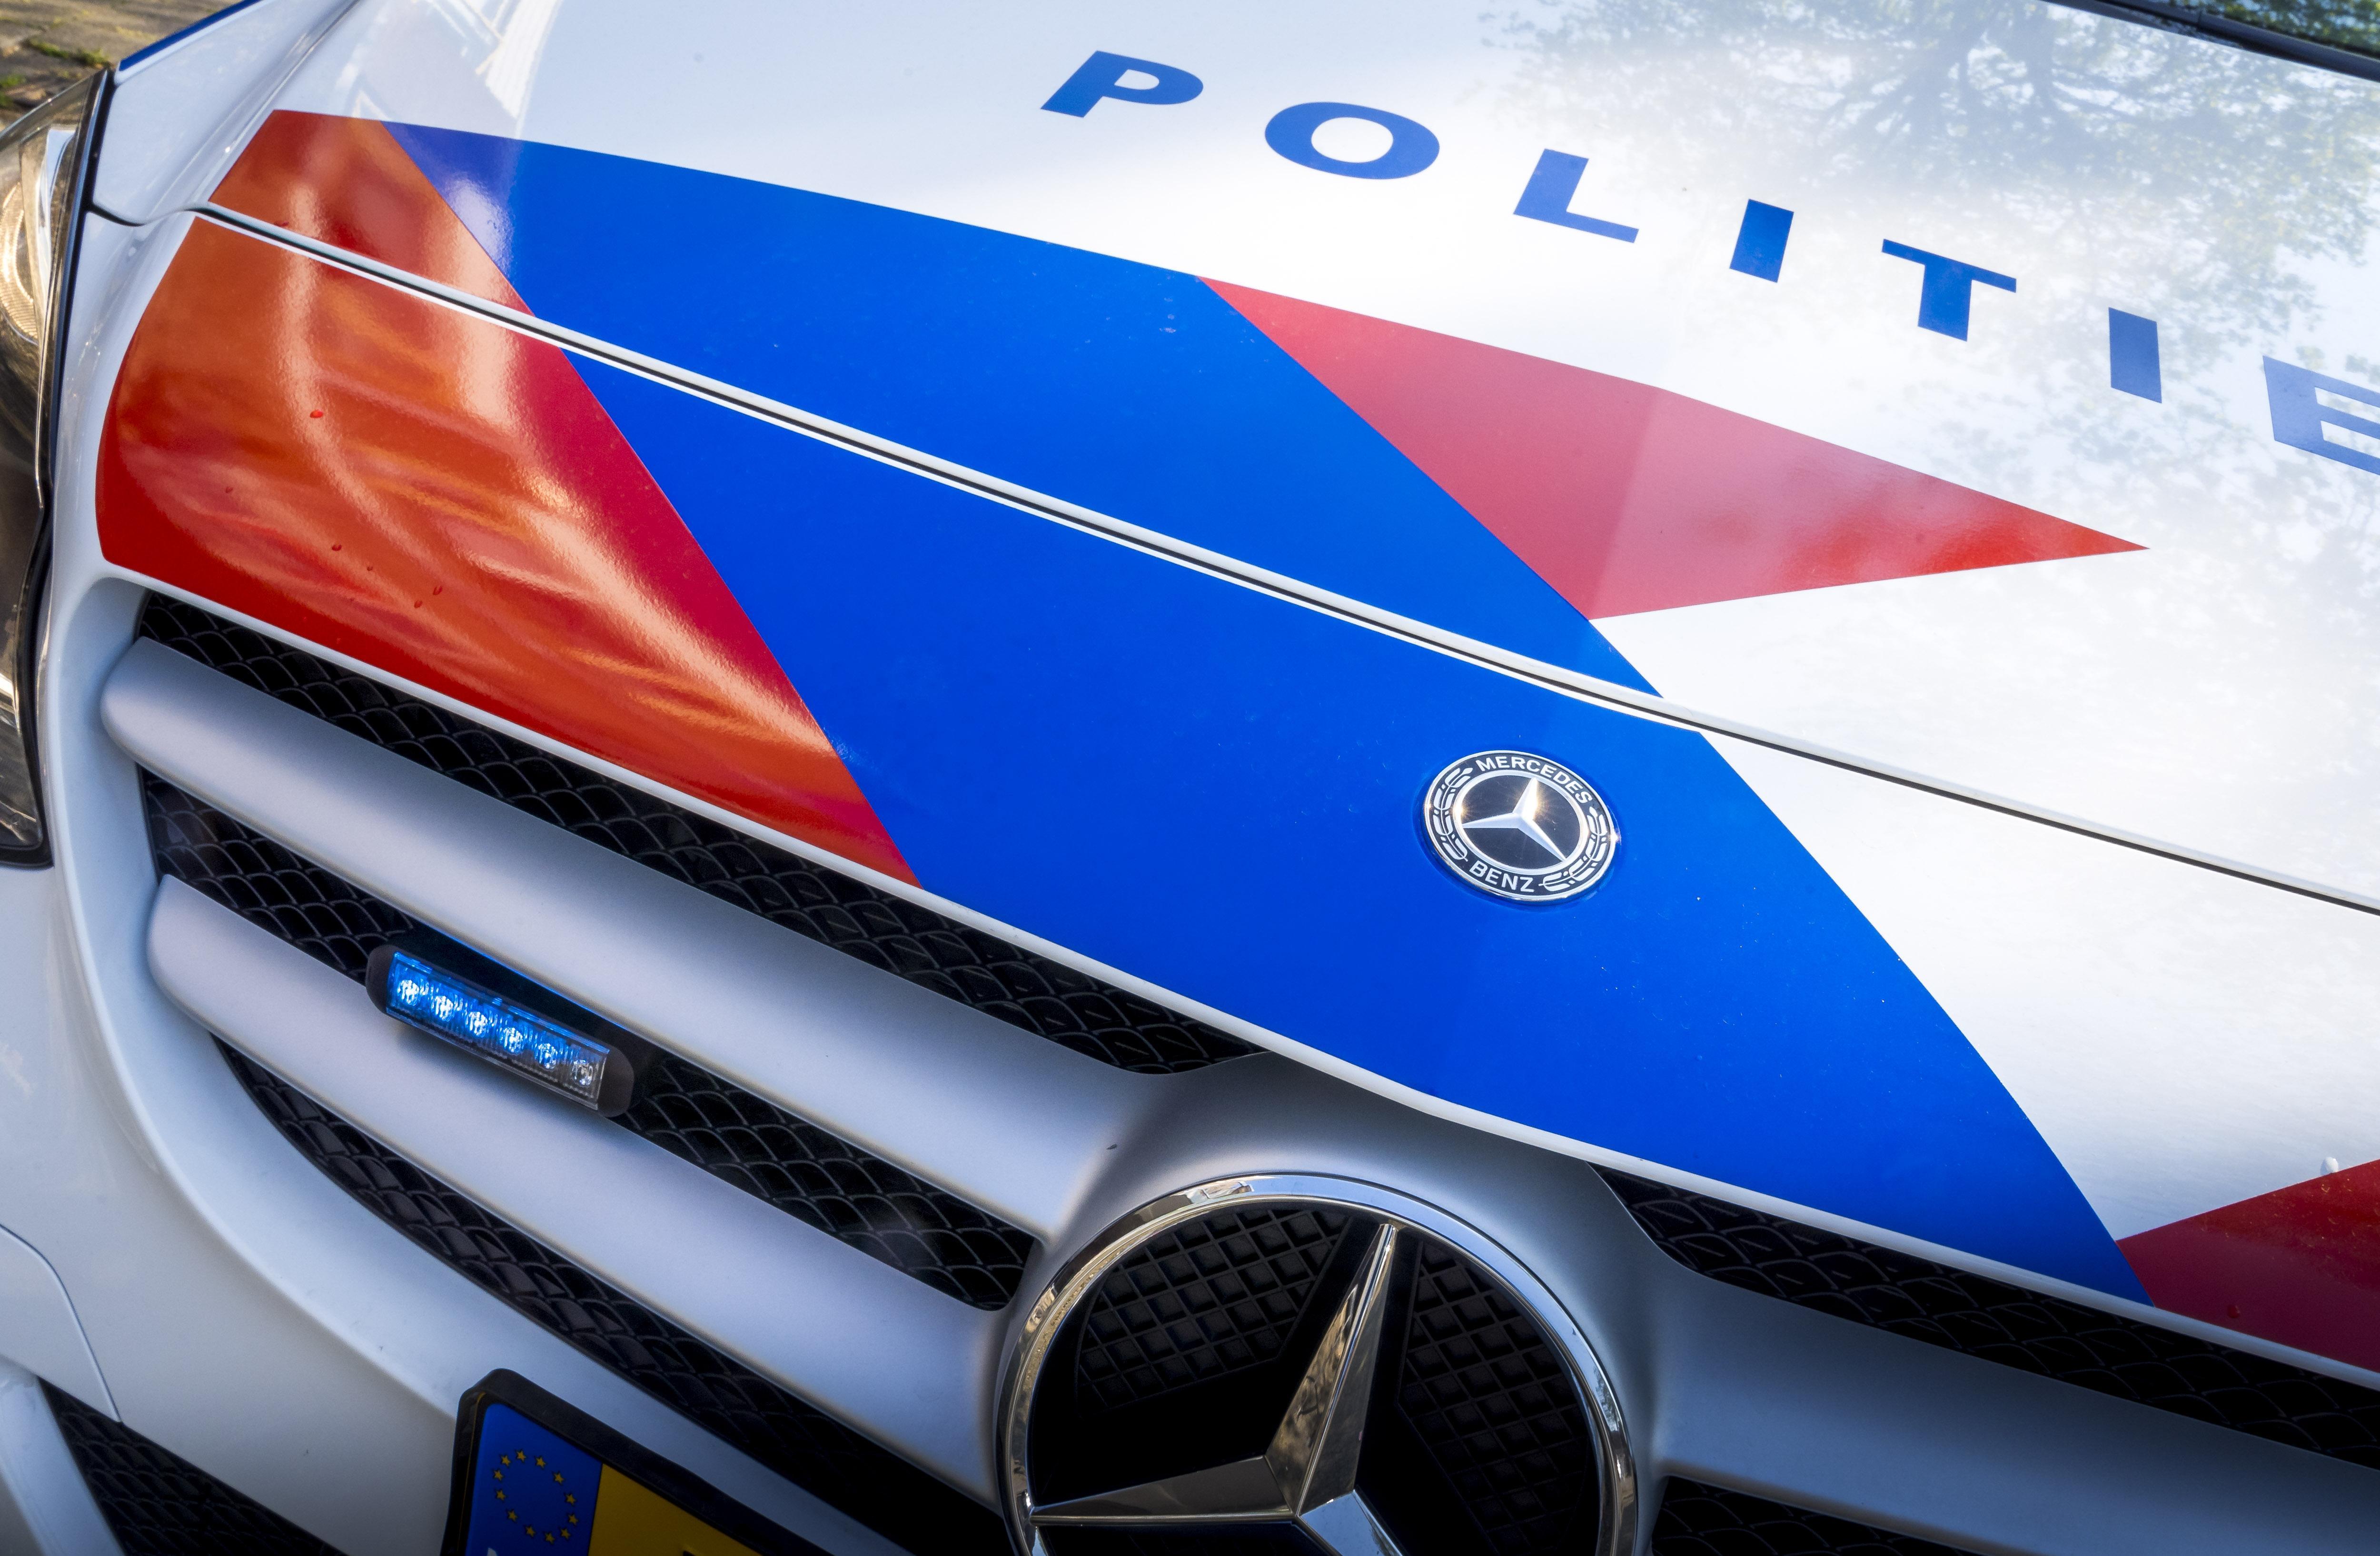 Politie voorkomt illegaal Halloweenfeest in Weesp, verschillende waarschuwingen en bekeuringen uitgedeeld